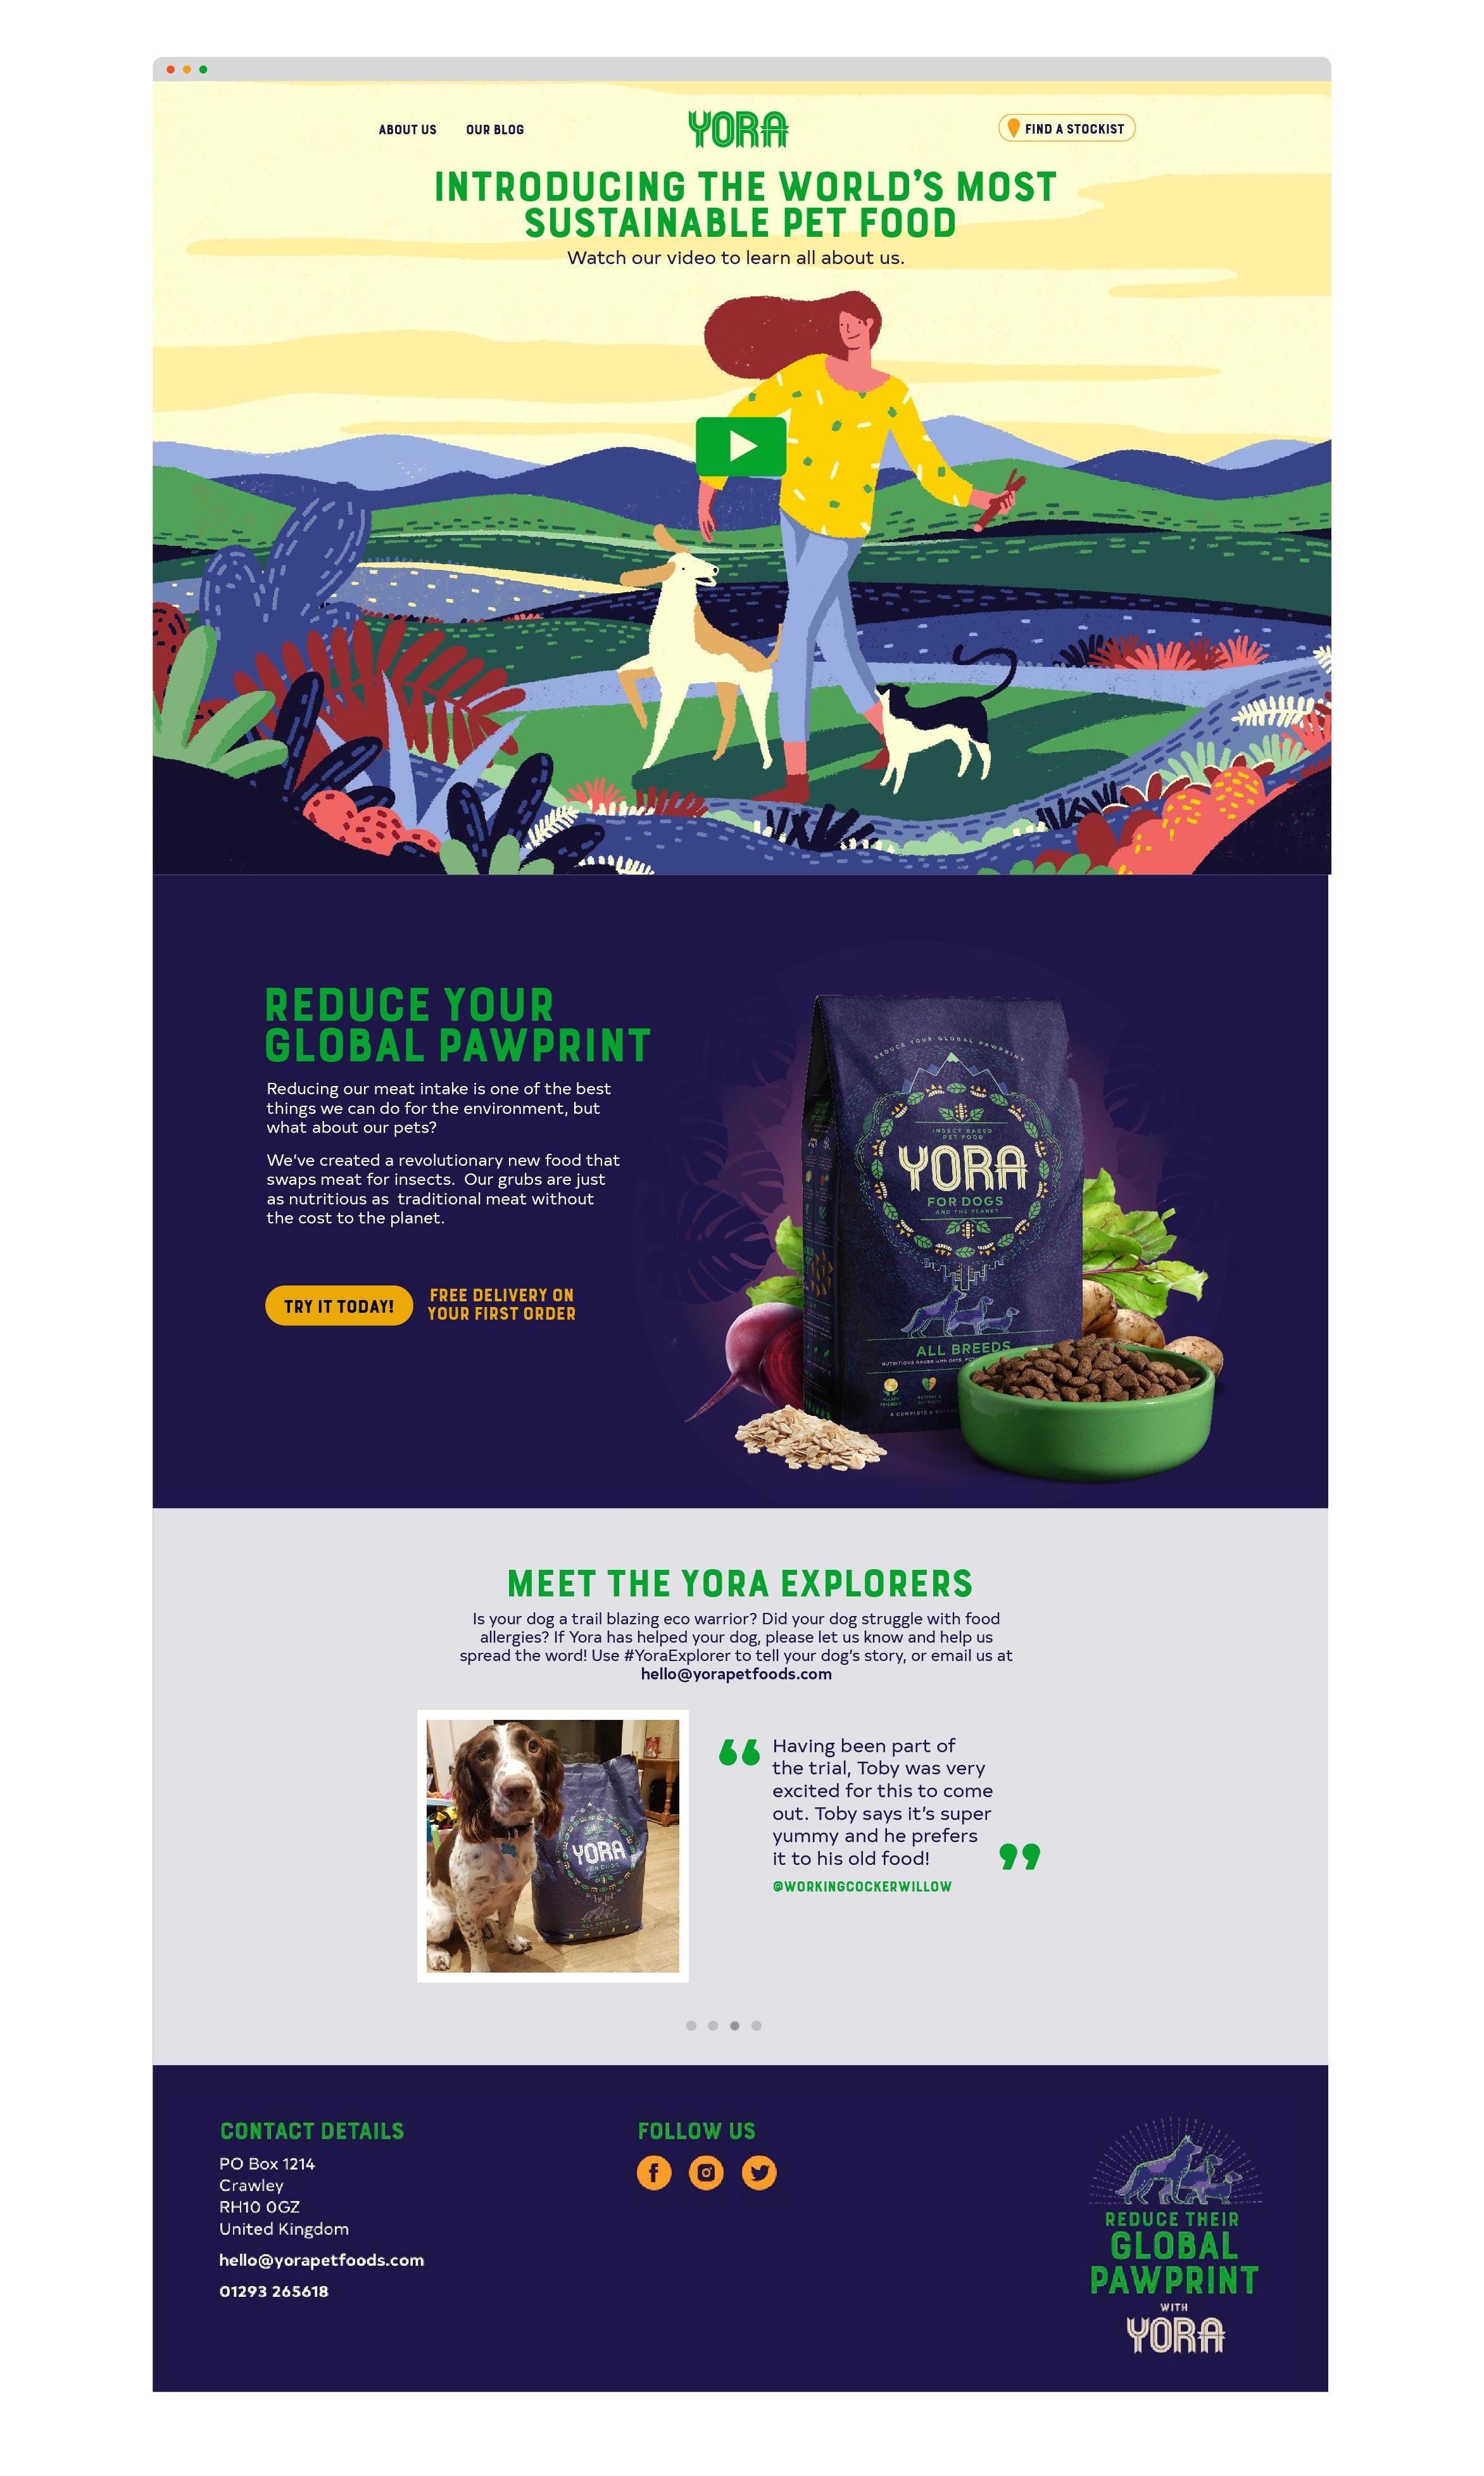 Yora-Website-1-copy-6@2x-80